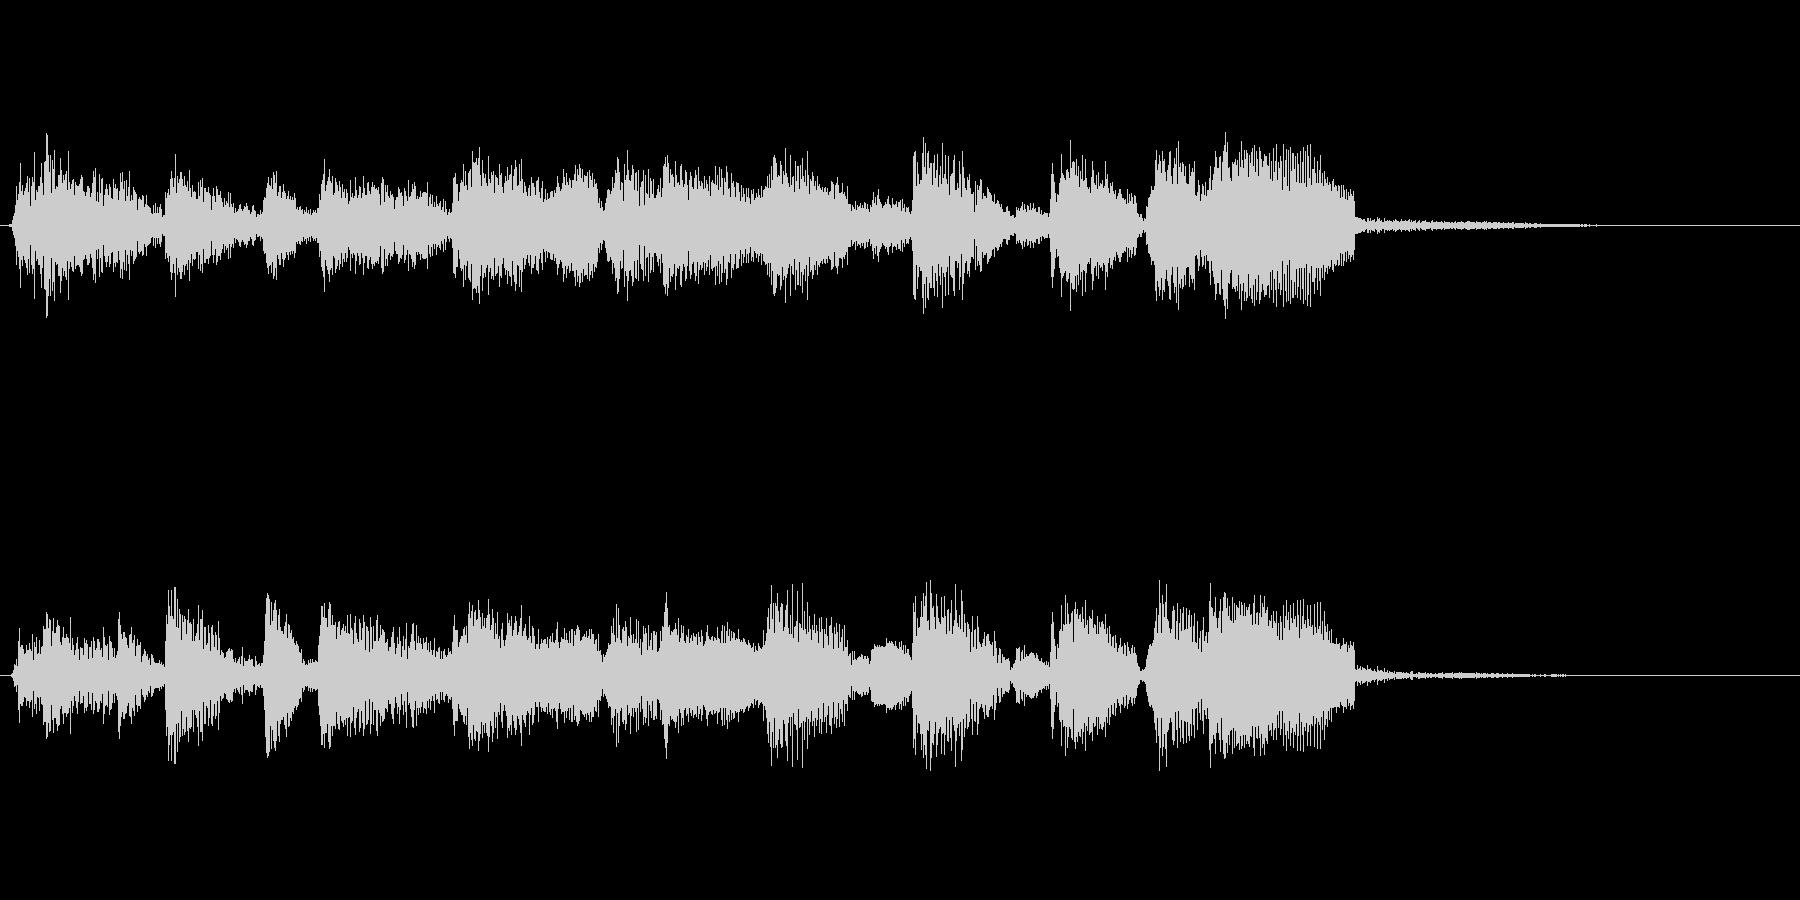 企業ロゴ表示用サウンドロゴ3(躍動感)の未再生の波形